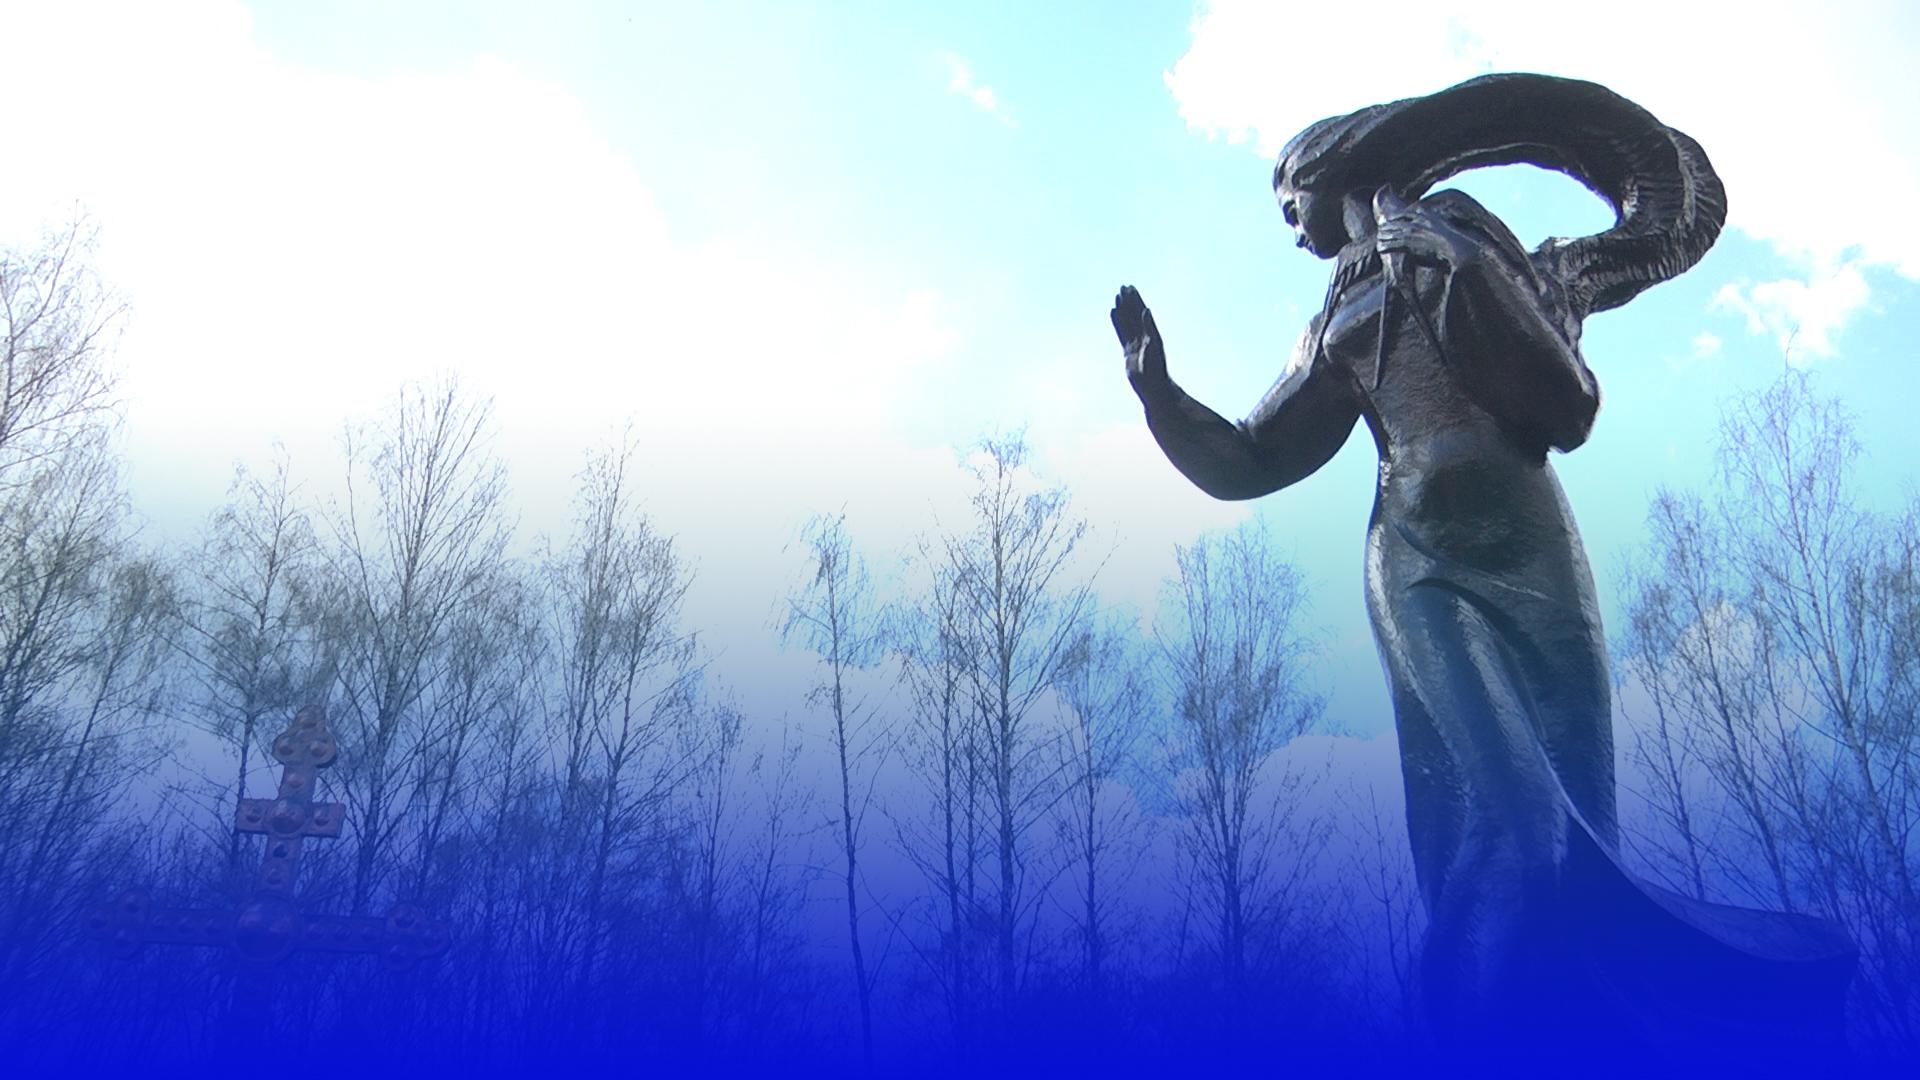 Трагедія, яка змінила світ: у Тернополі вшанували пам'ять жертв Чорнобильської катастрофи